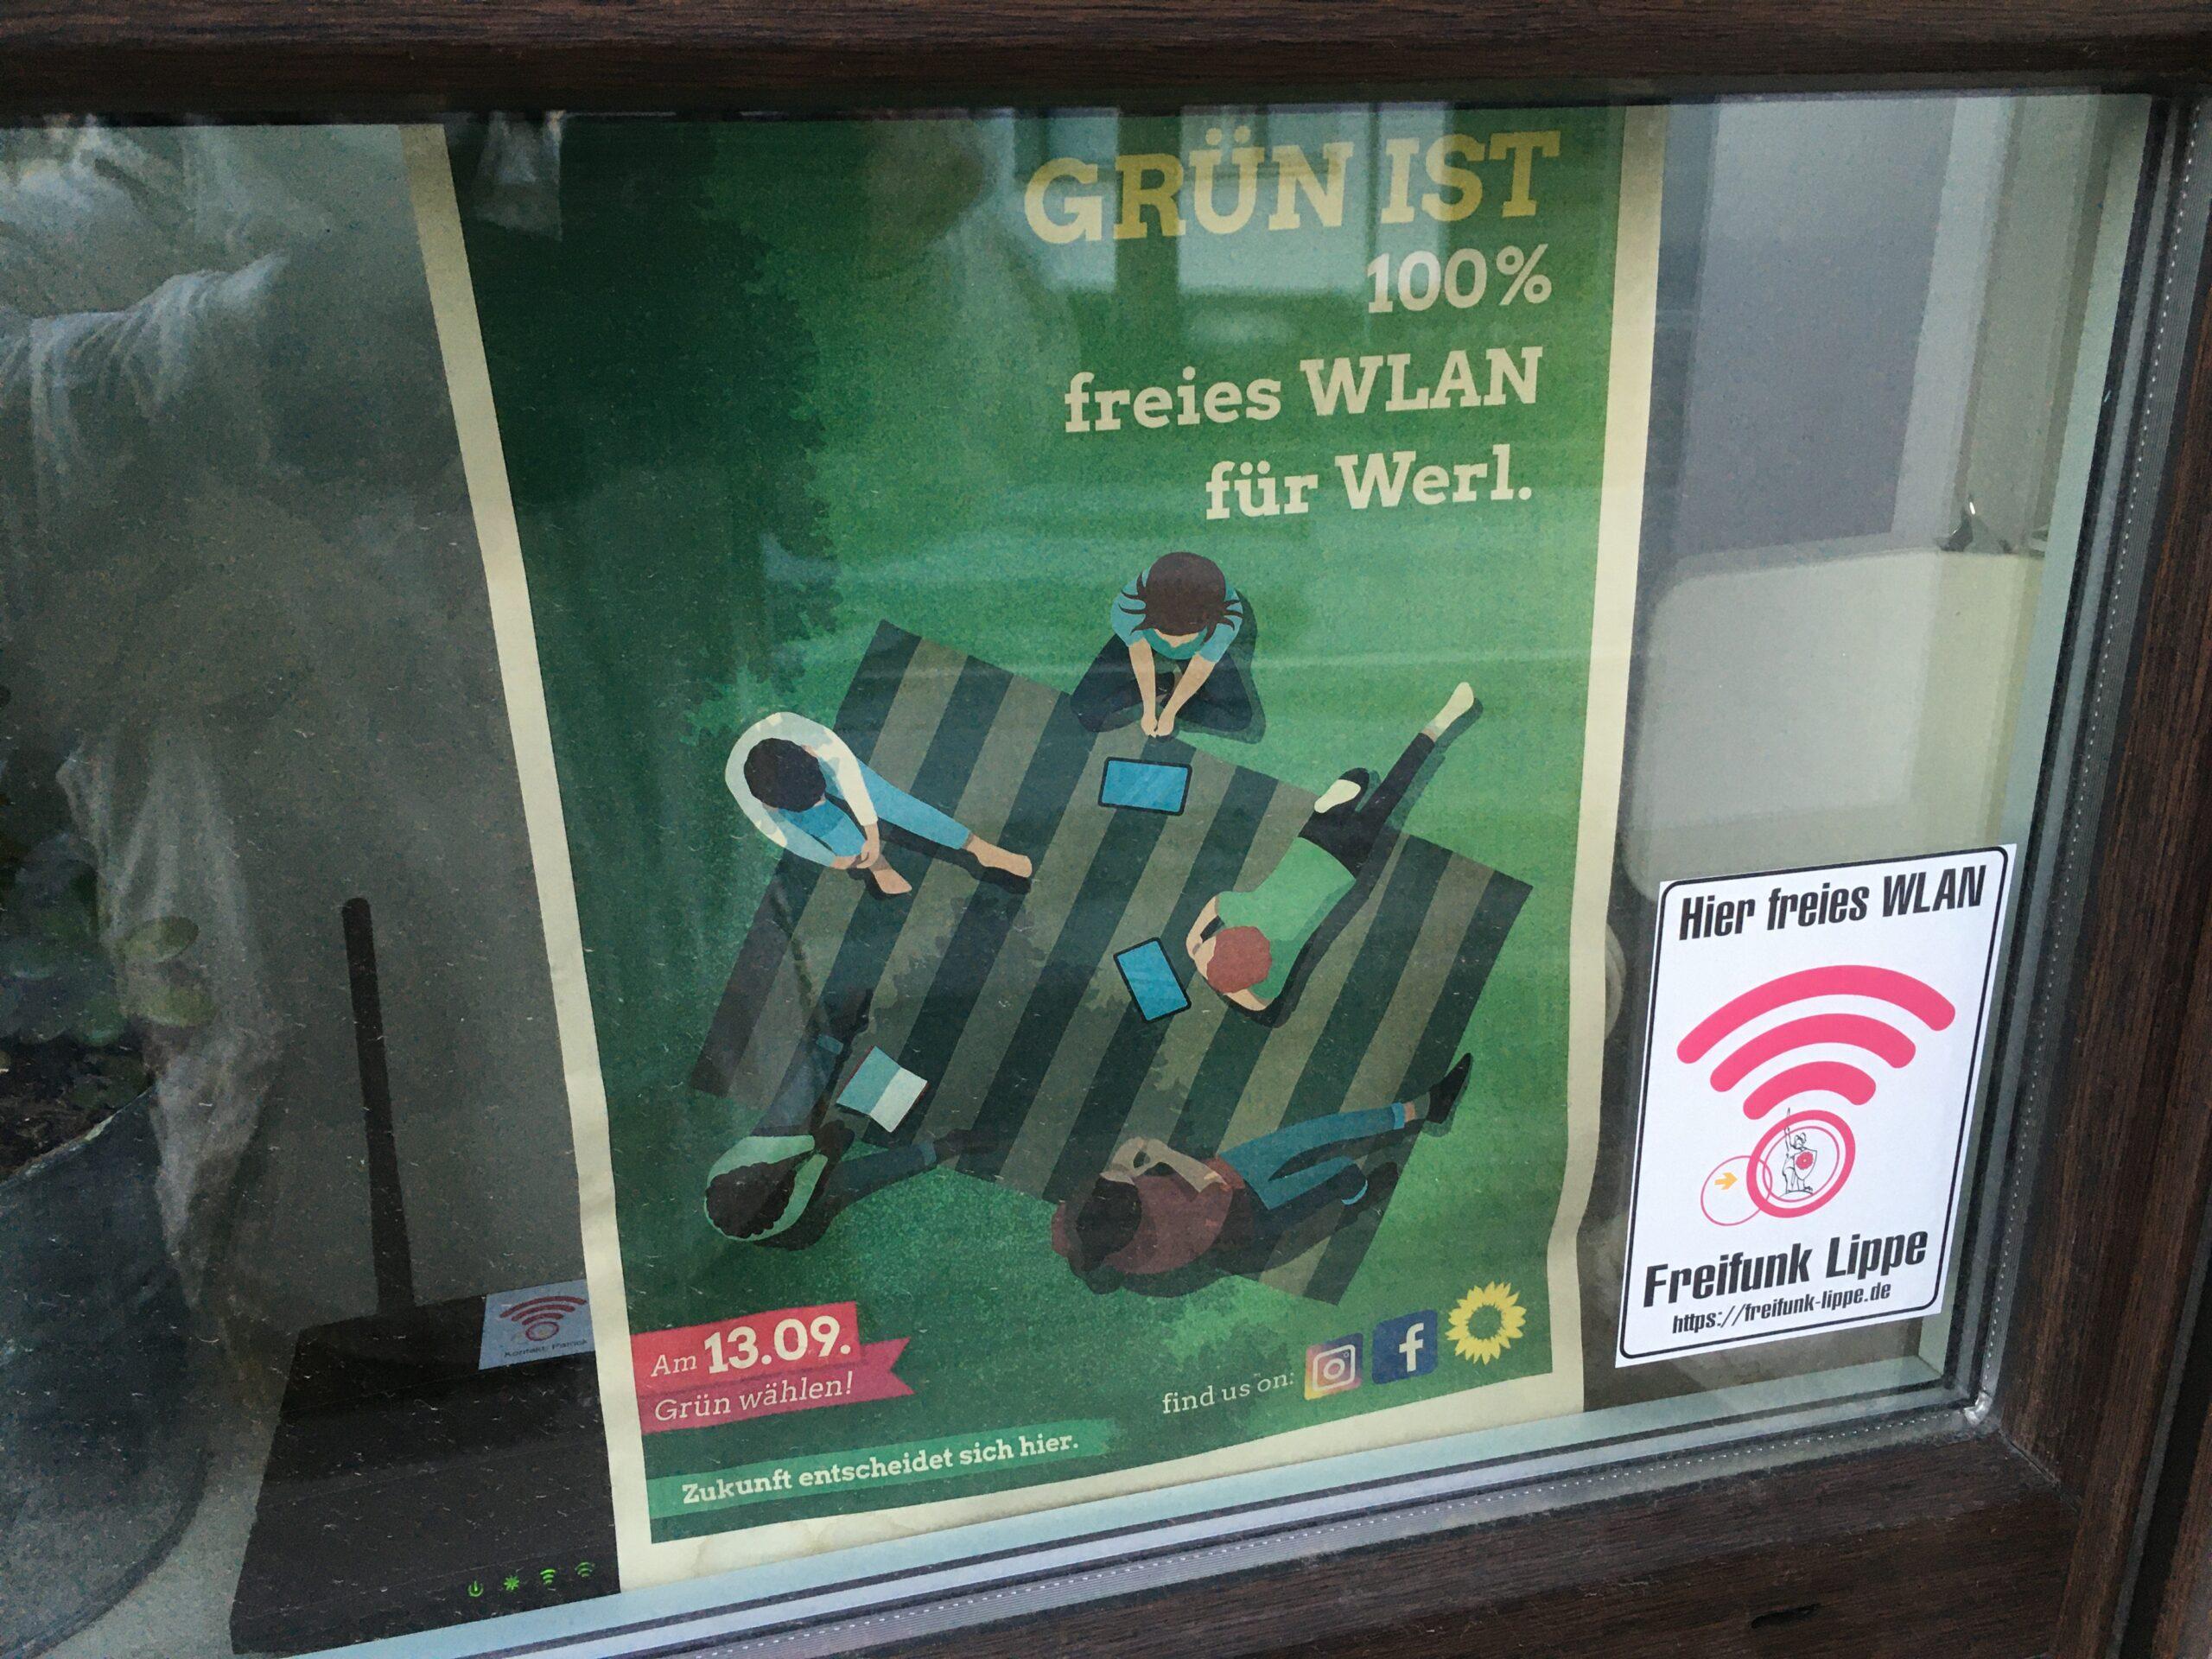 Grün ist freies WLAN für Werl